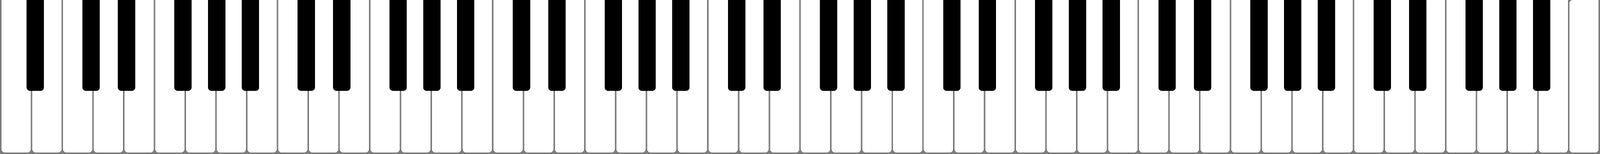 Высококачественная пропорциональная иллюстрация вектора во всю длину клавиатуры рояля 88 ключей иллюстрация штока